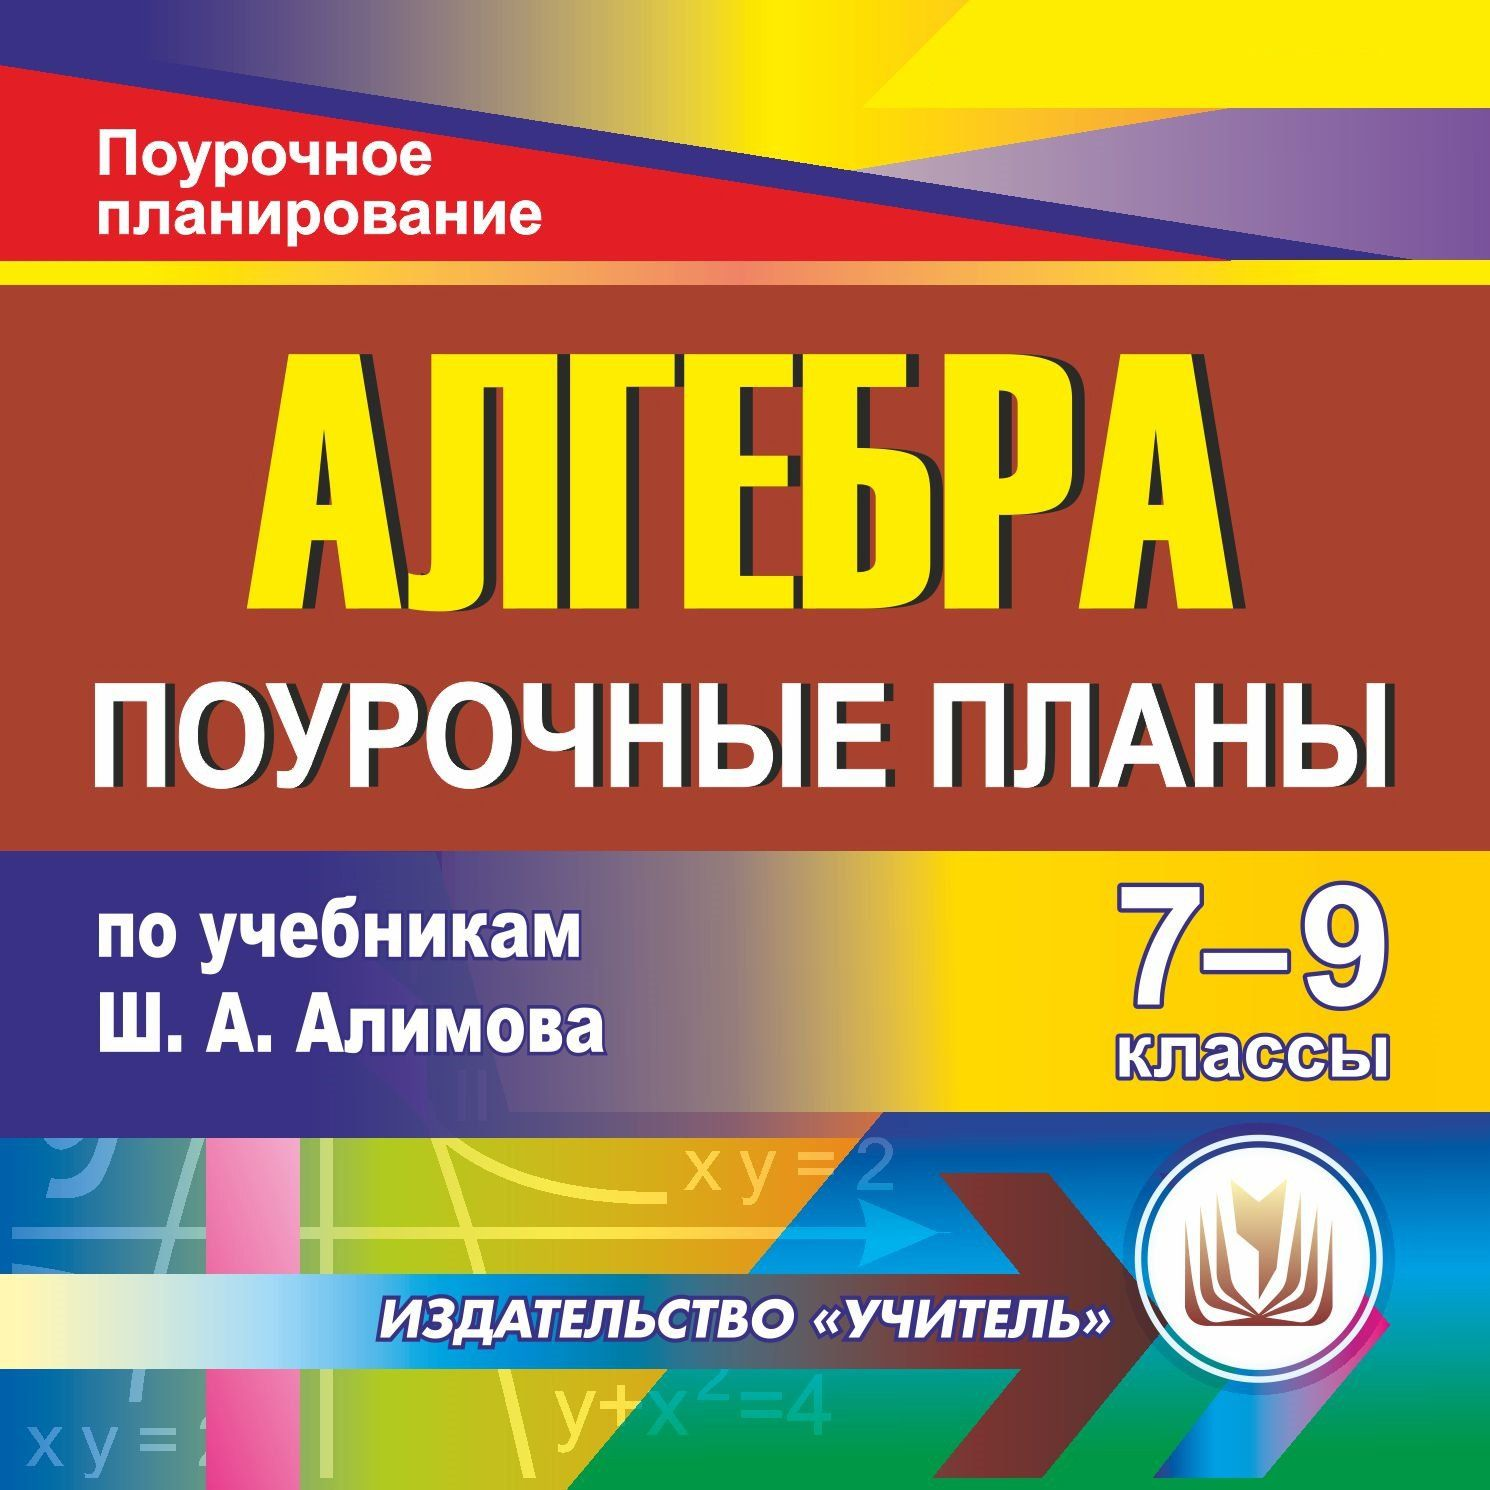 Алгебра. 7-9 классы: поурочные планы по учебникам Ш.А. Алимова. Программа для установки через Интернет